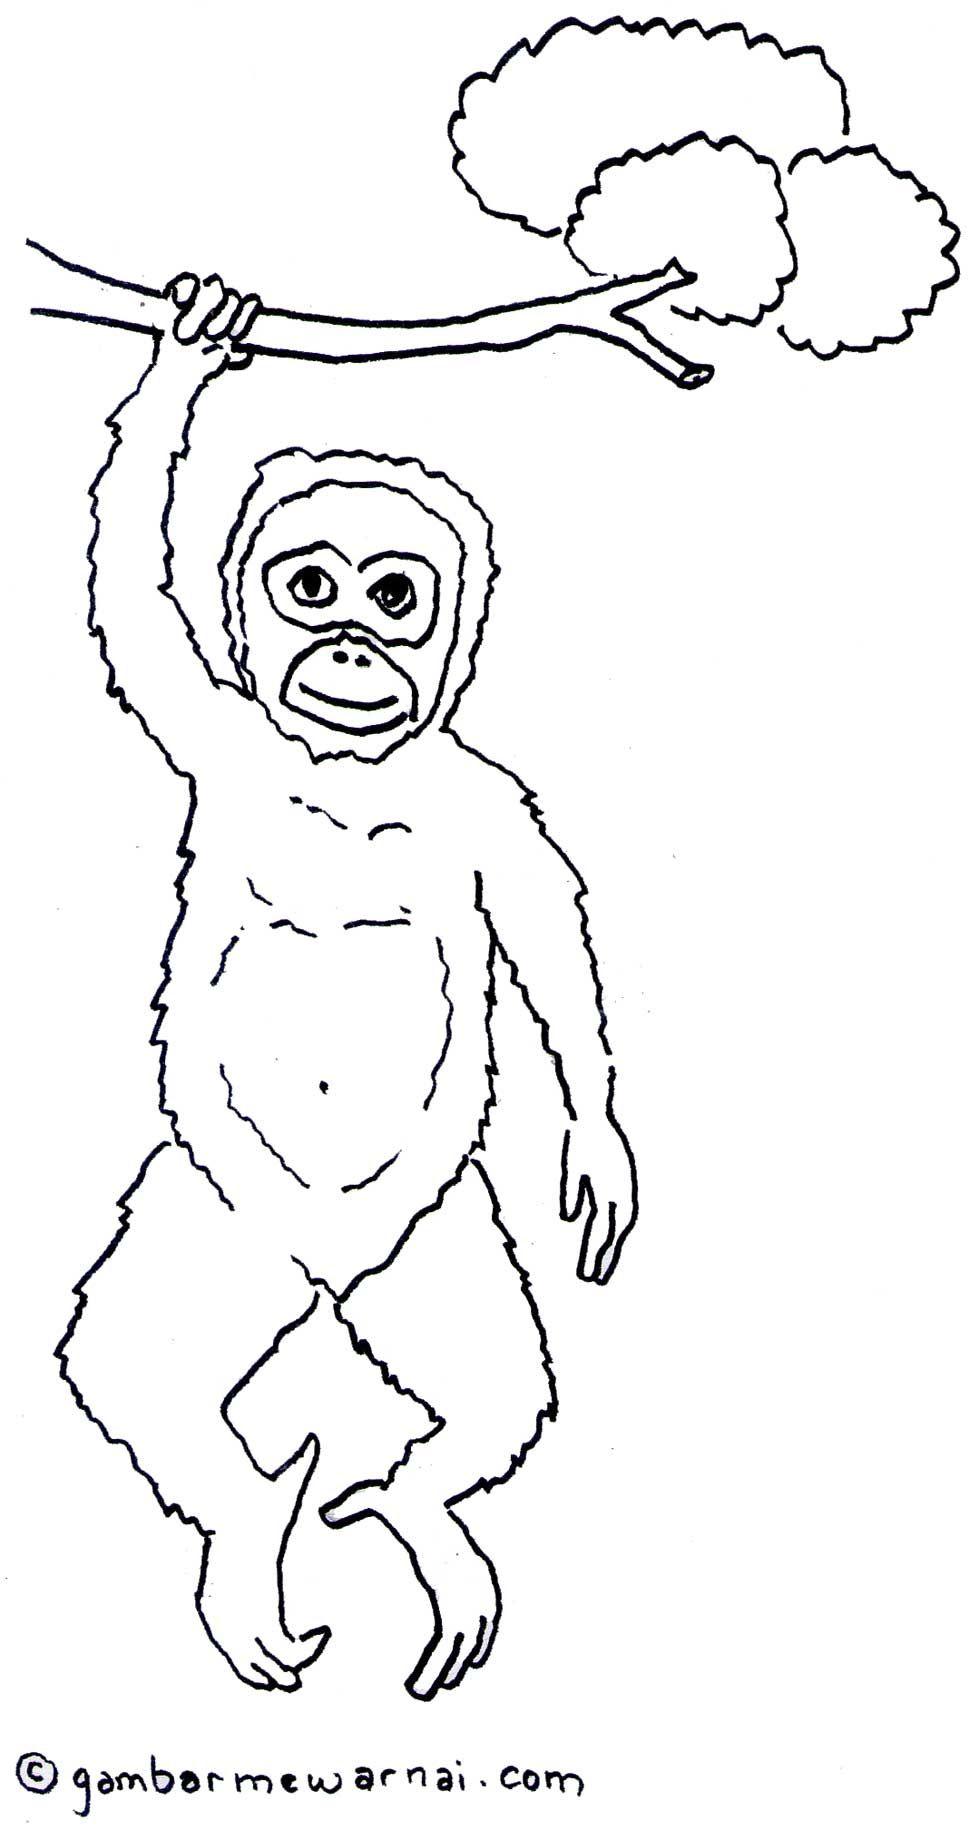 Gambar Mewarnai Hewan Orang Utan Coloring Pages Pinterest